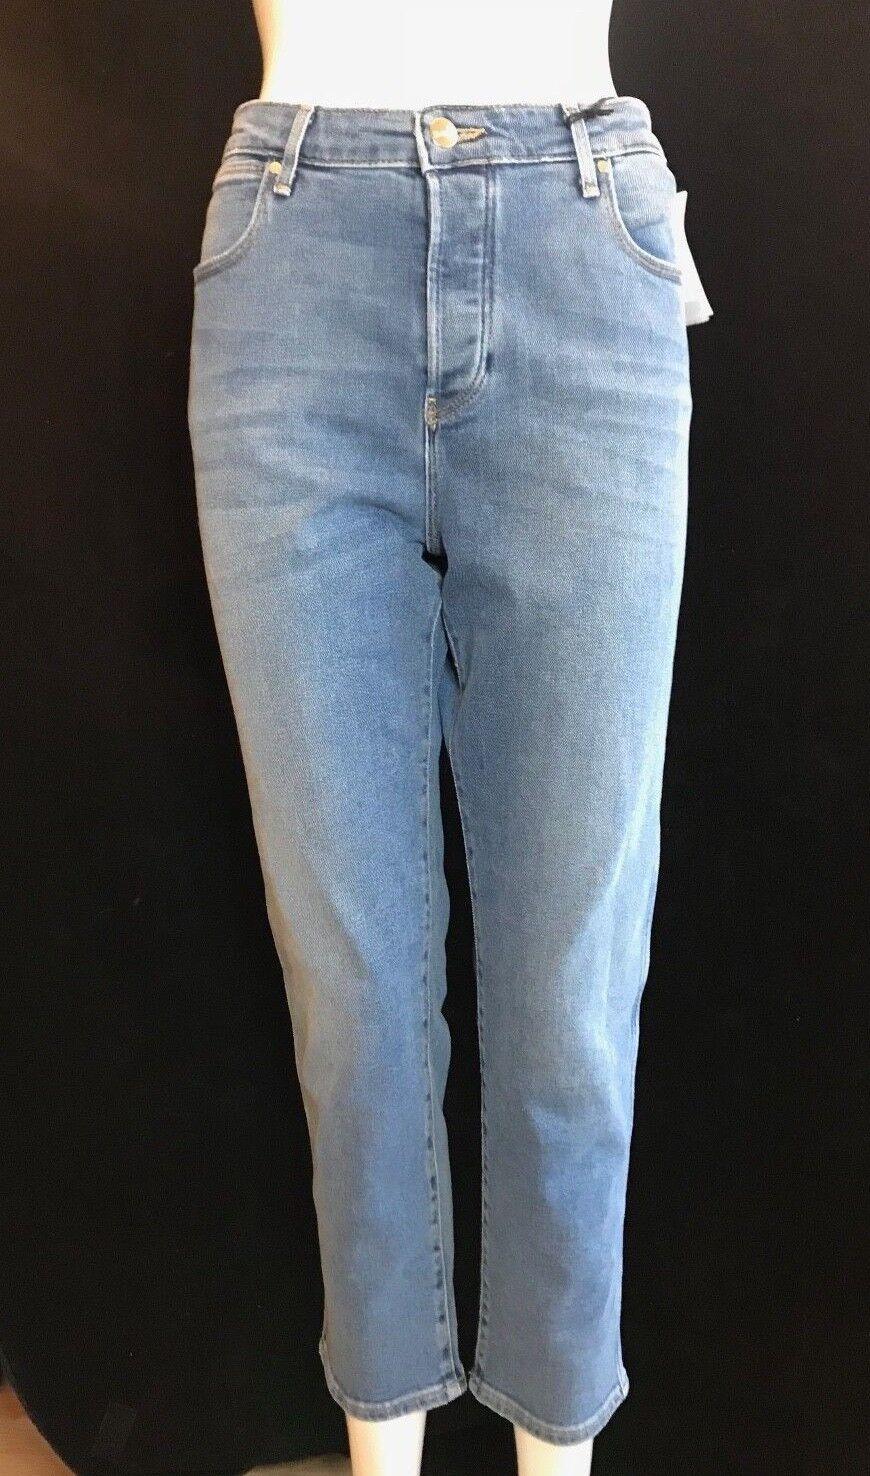 BNWT WRANGLER Ladies  Blau Jean Baby  Cropped Jeans Größe W 31  SAVE